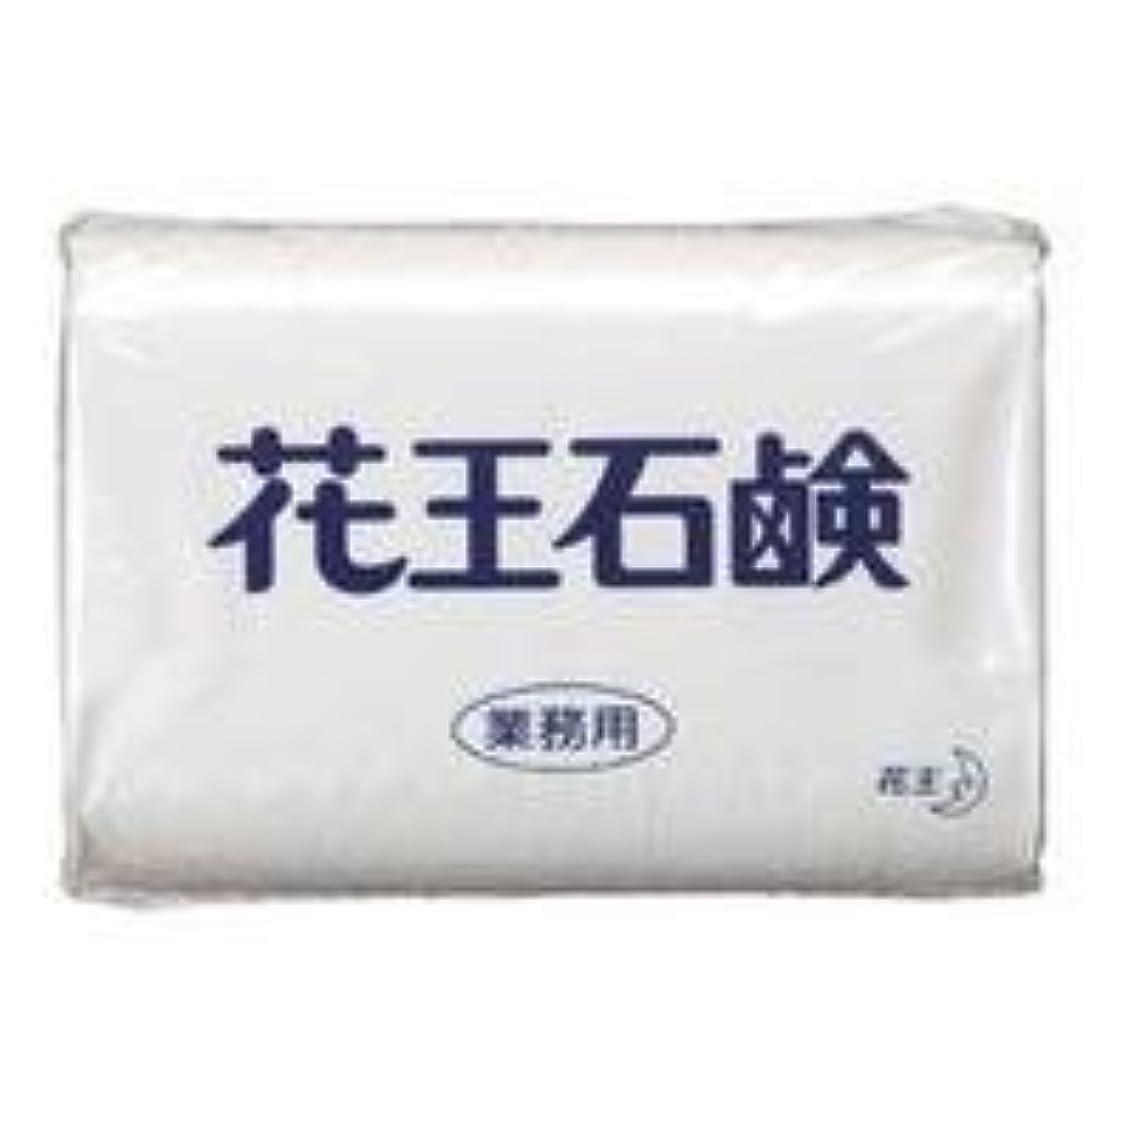 満員シート滑る業務用石鹸 85g 3個×40パック(120個入り)